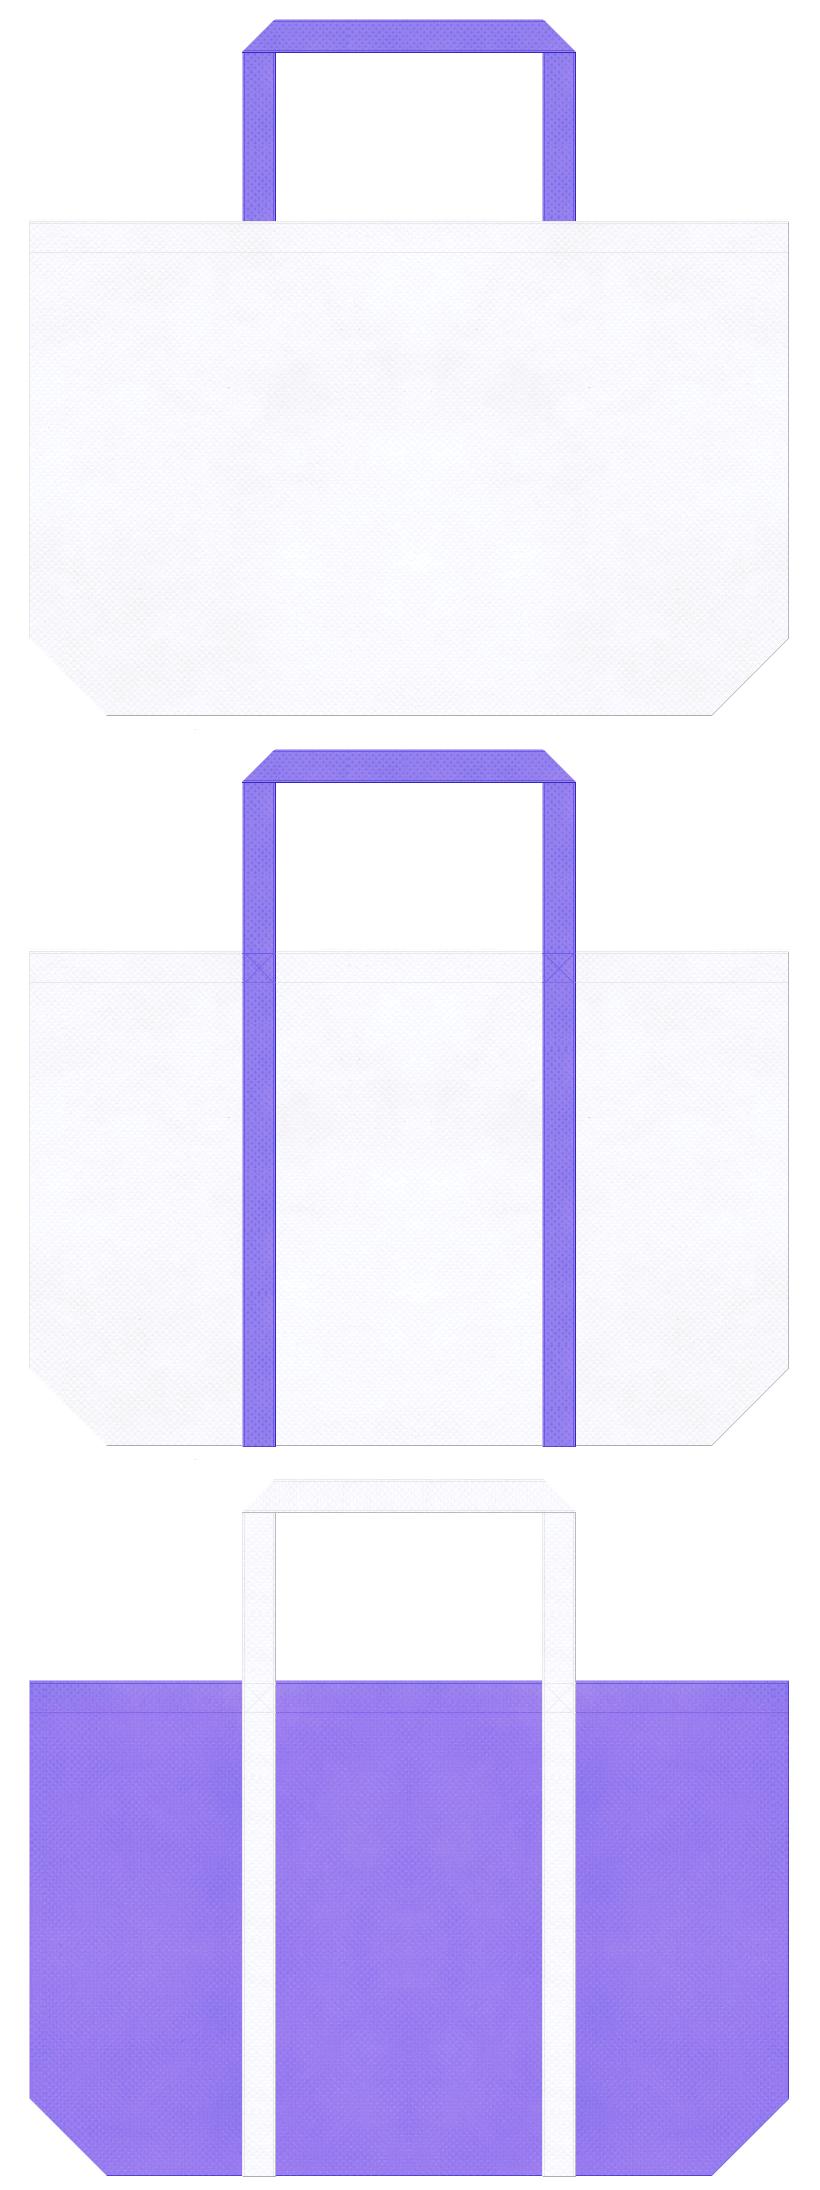 歯学部・理学部・工学部・学校・学園・オープンキャンパス展示会用バッグ・スポーツイベント・理容・クール・衛生・サービスロボット・産業ロボット・医療施設・福祉施設・保育施設・介護施設・クーラー・冷蔵庫の展示会用バッグにお奨めの不織布バッグデザイン:白色と薄紫色のコーデ